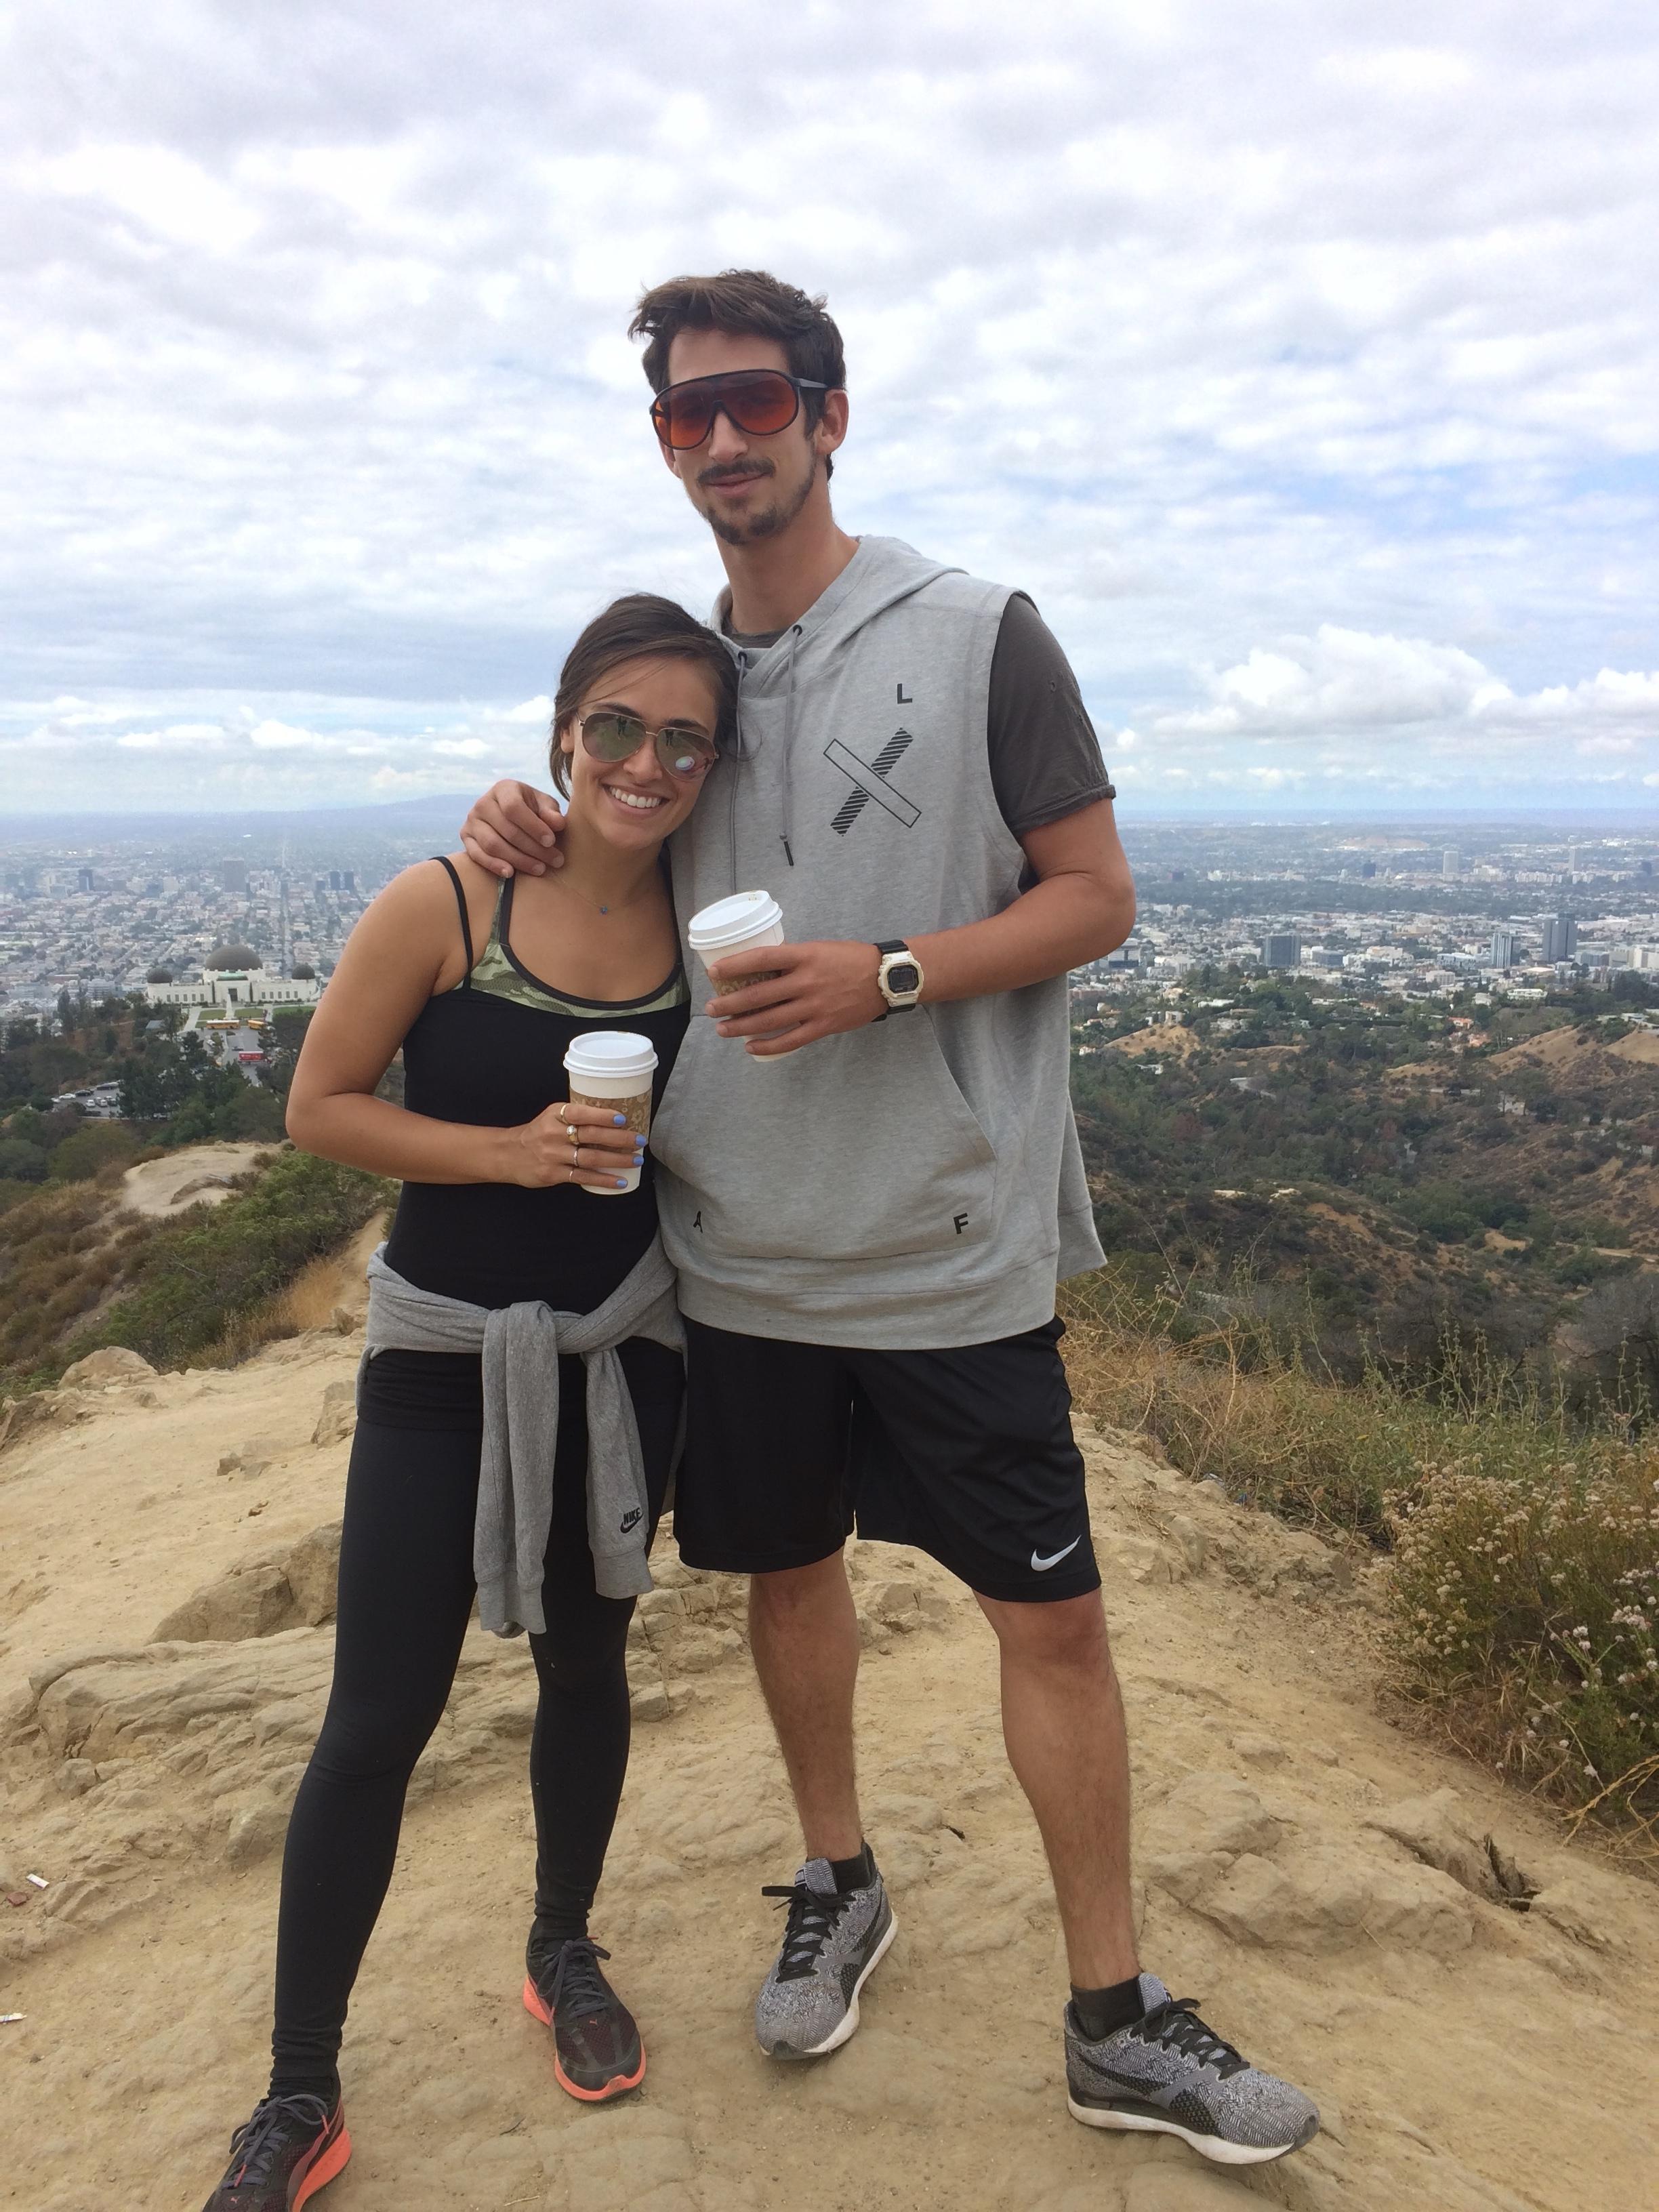 In flow on a hike in LA...